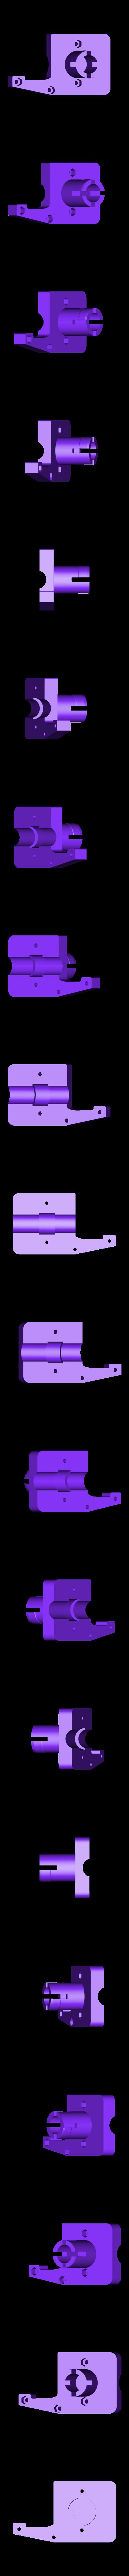 support serre joint V2.STL Télécharger fichier STL Système de serrage rapide pour table multifonction de type MFT Festool • Objet imprimable en 3D, woody3d974